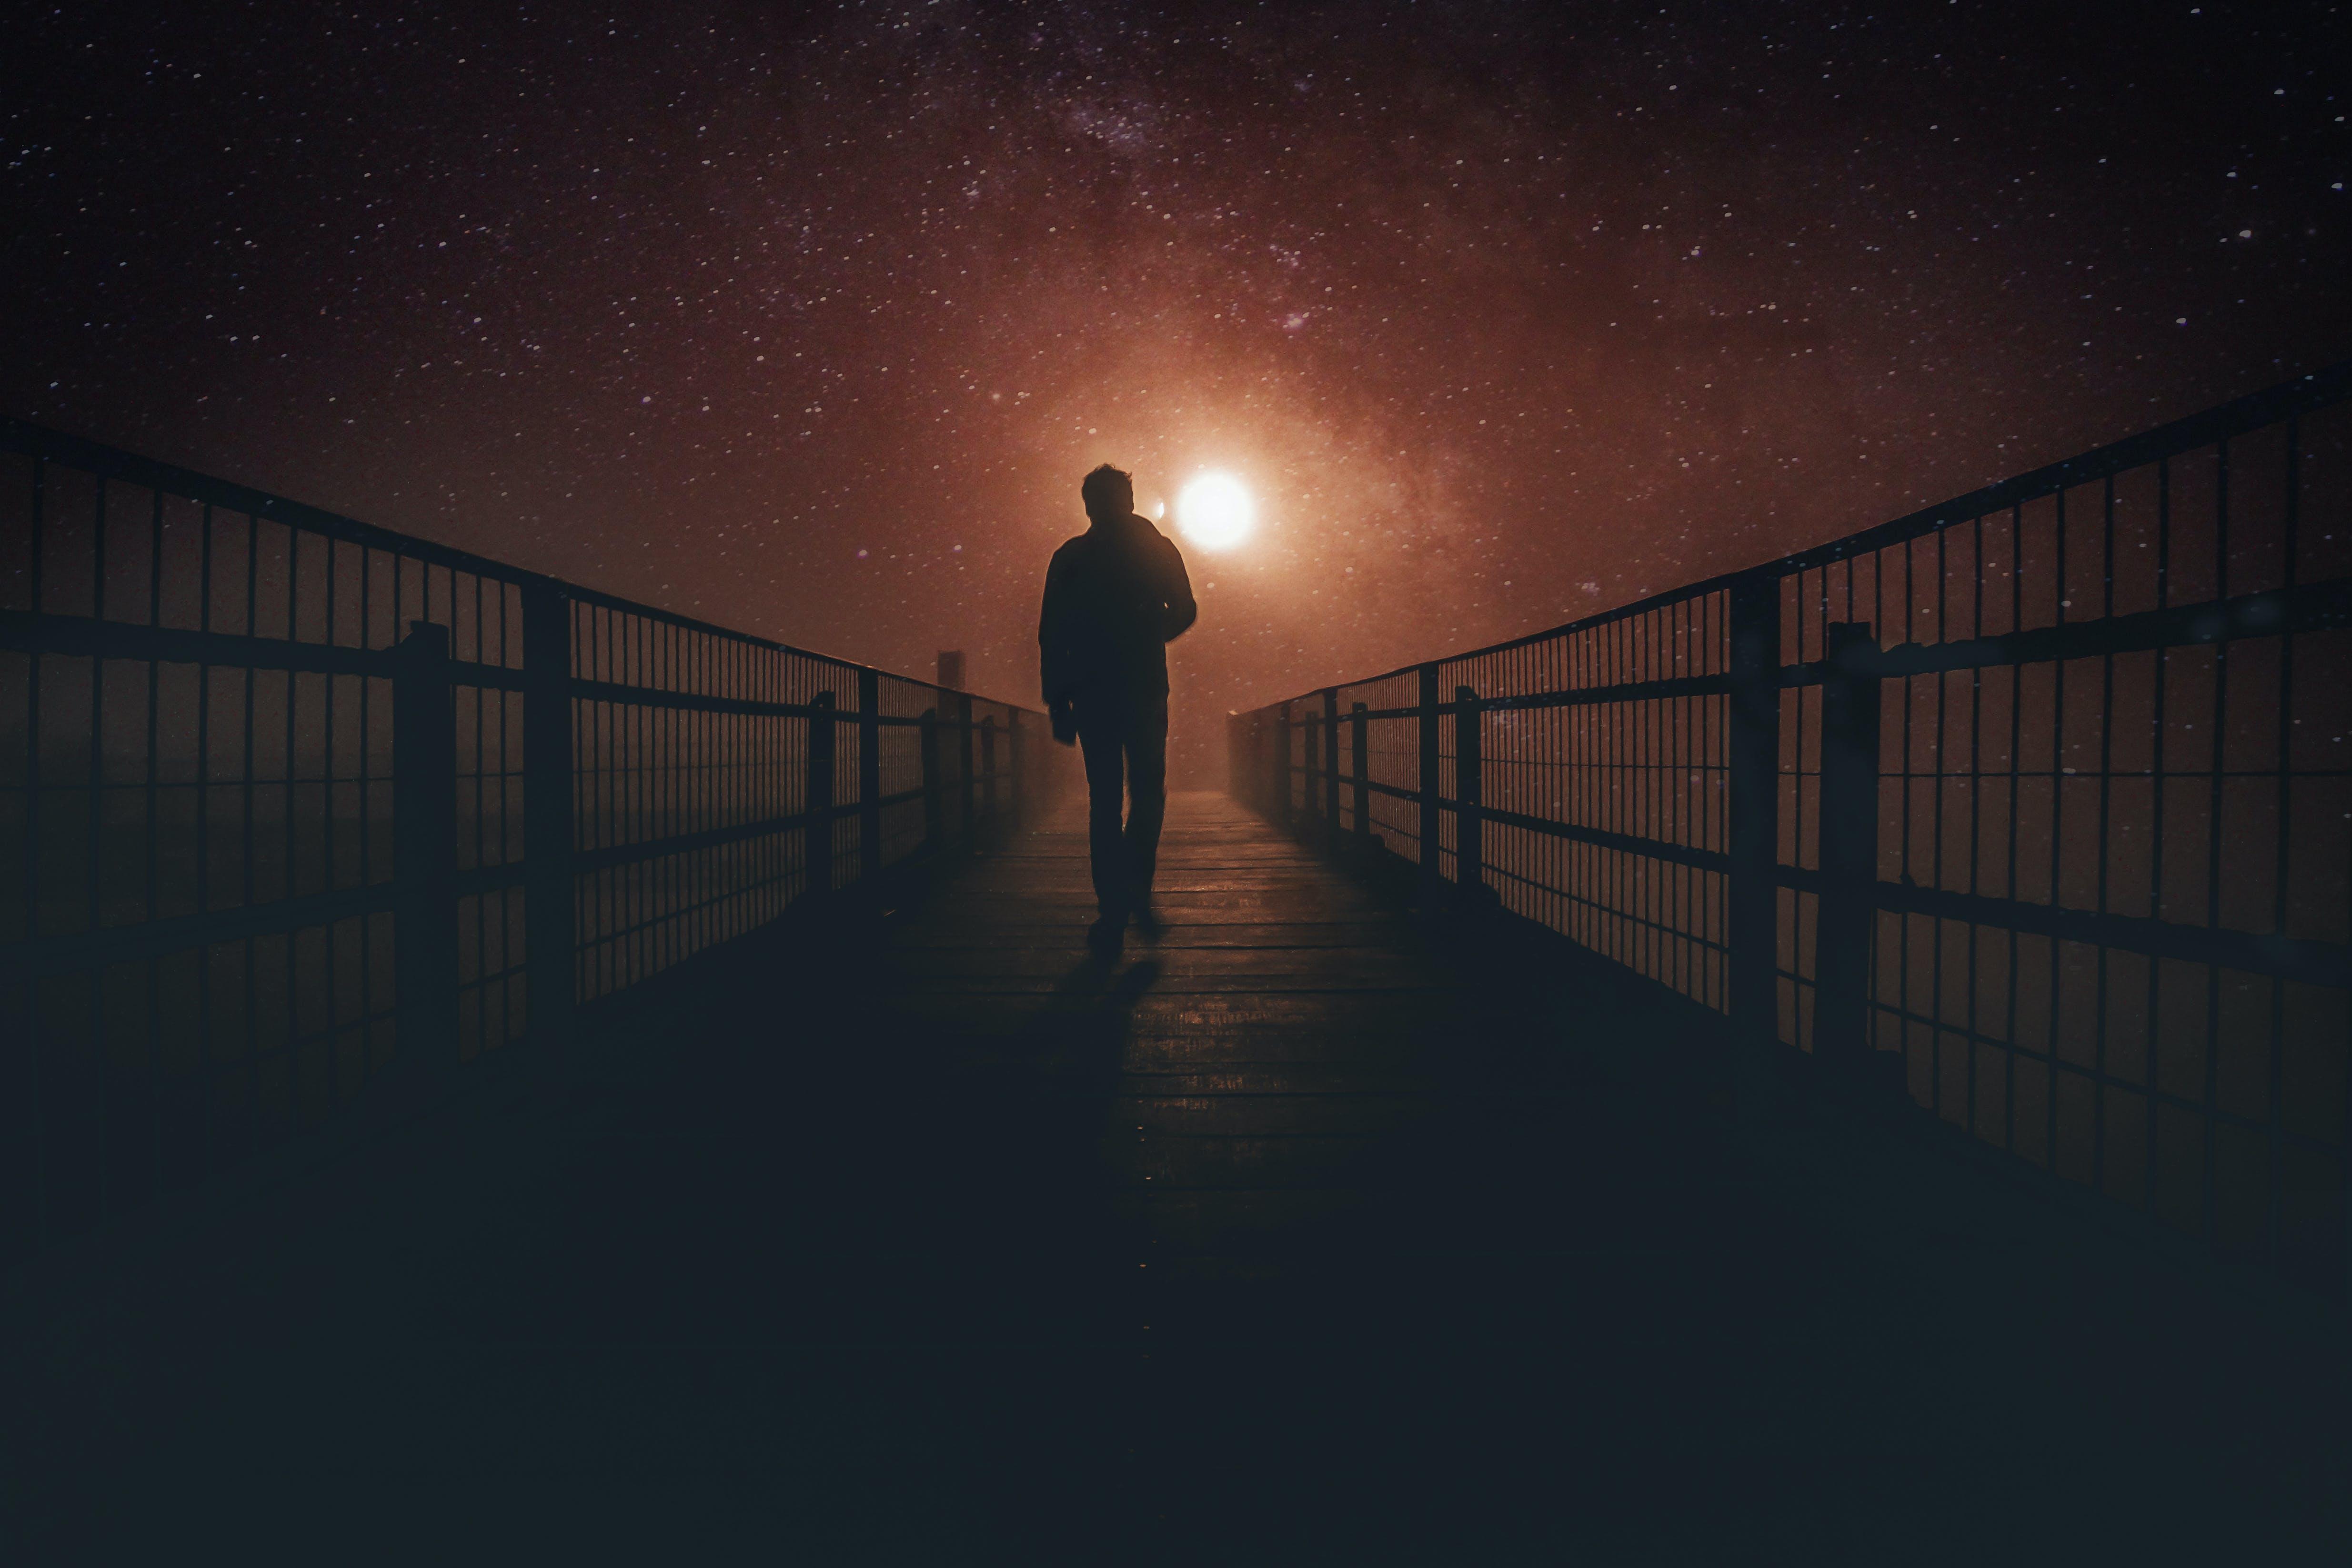 Kostenloses Stock Foto zu licht, nacht, person